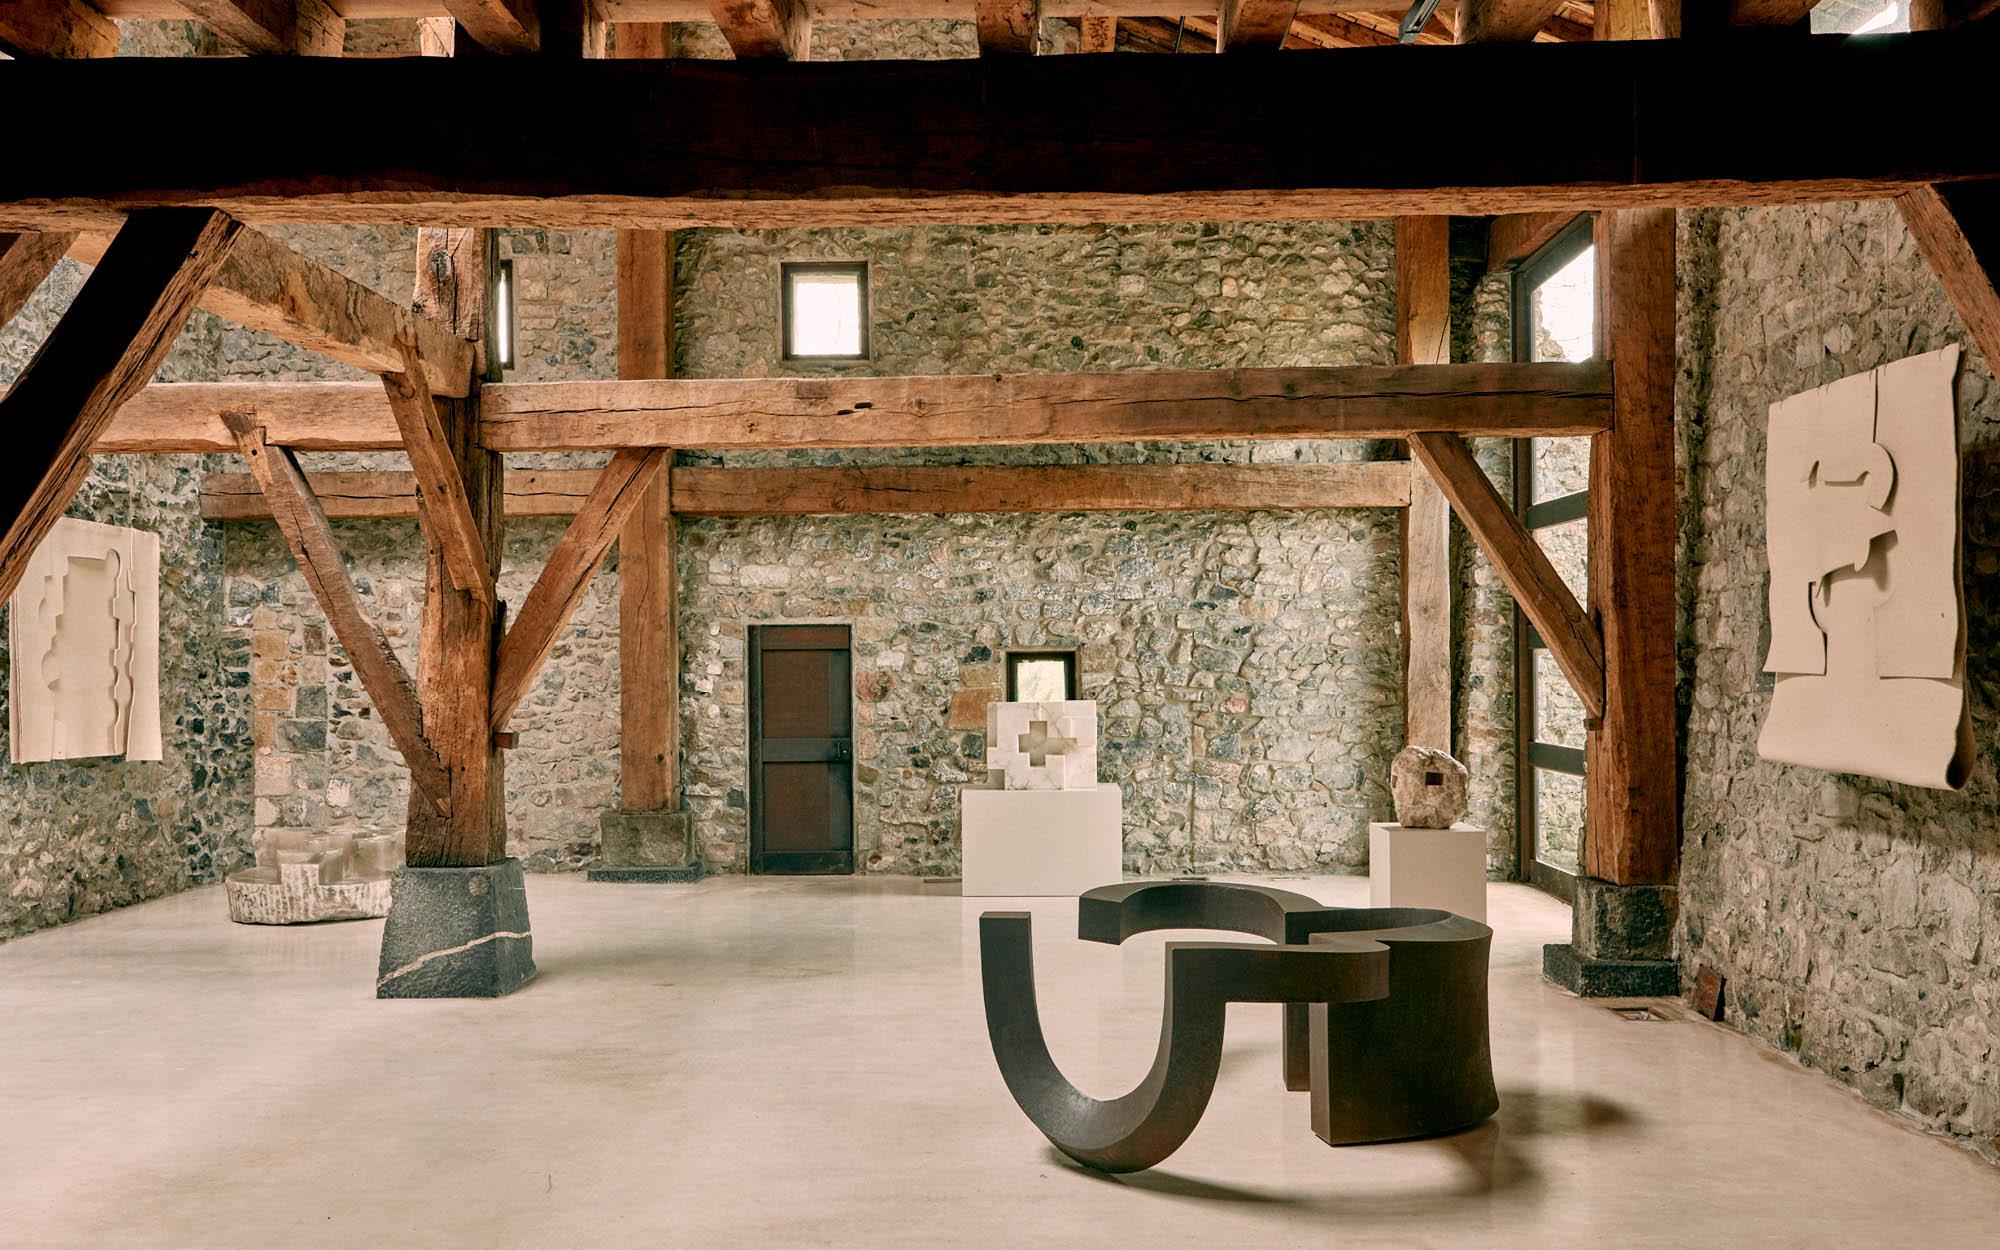 luis_laplace-Chillida_Museum-5